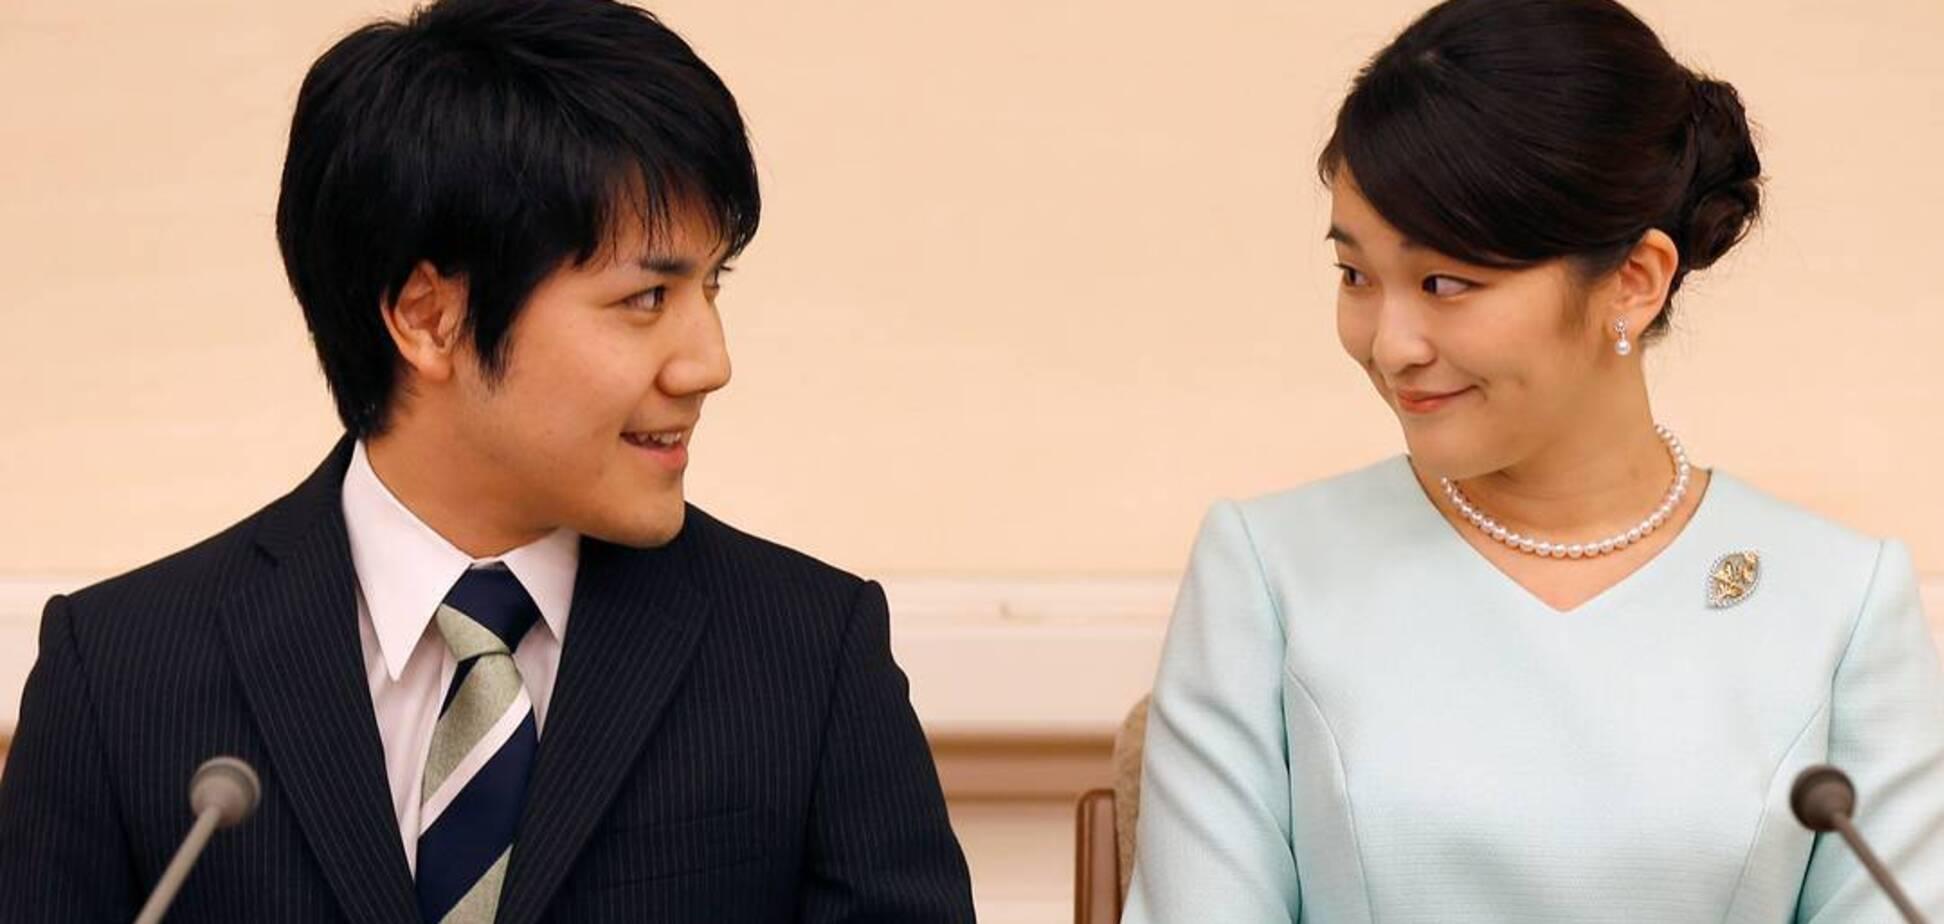 Японська принцеса Мако відмовилась від 1,3 млн доларів заради весілля з коханим. Фото